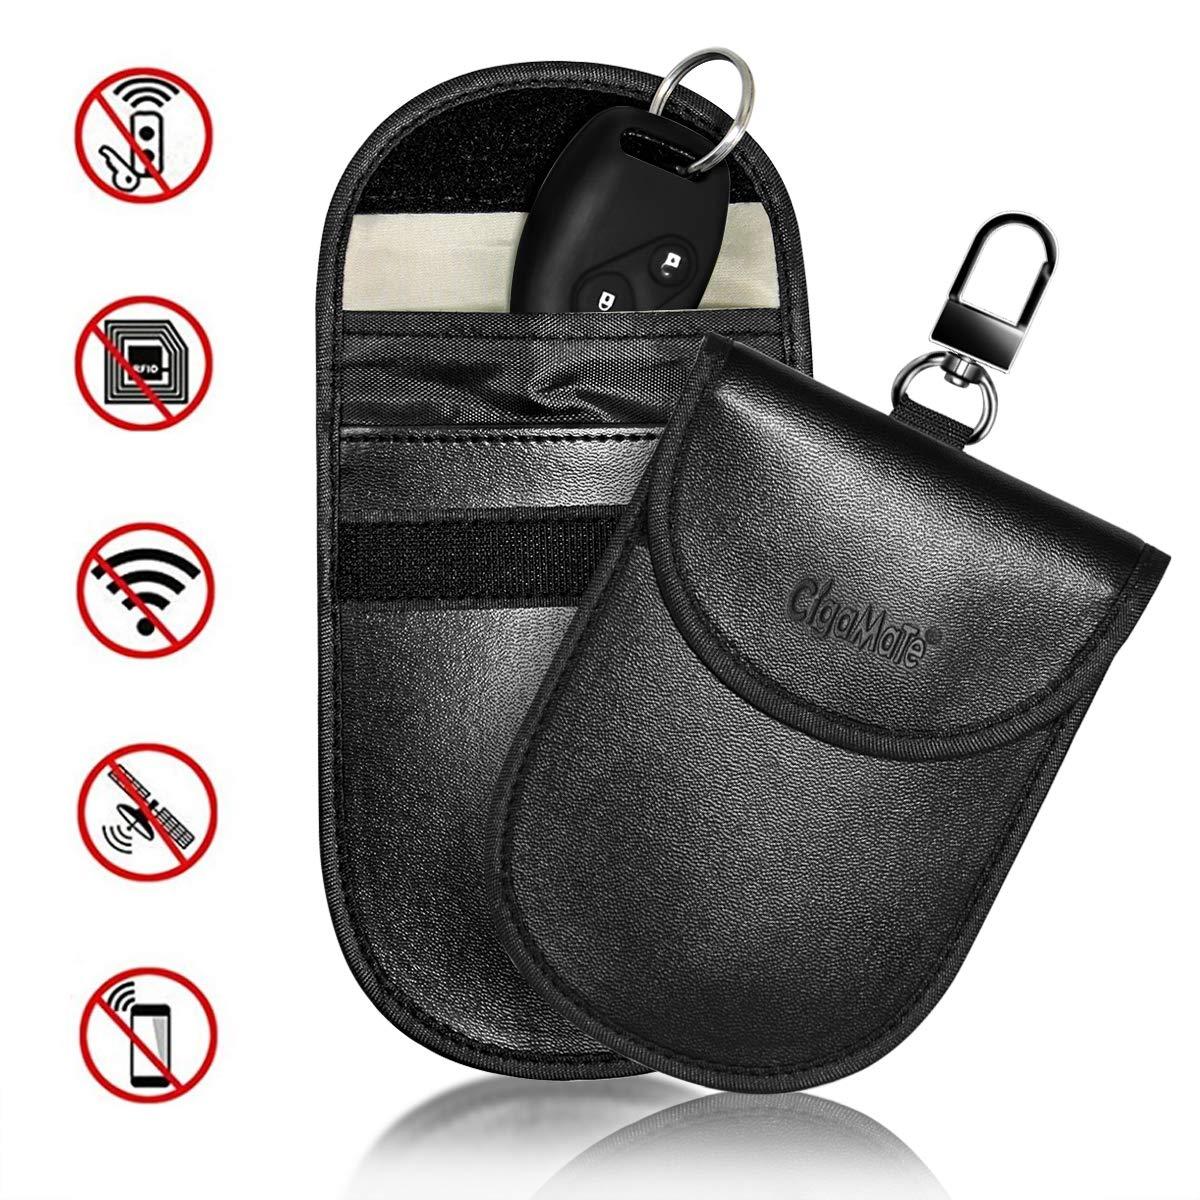 CigaMaTe 2xCar Key Signal Blocker Pouch, Fob faraday bag for car keys Keychain Anti-Theft Signal Blocking Case Protector for Keyless Car Key NFC/WiFi/LTE/RFID Blocker for Car Keys